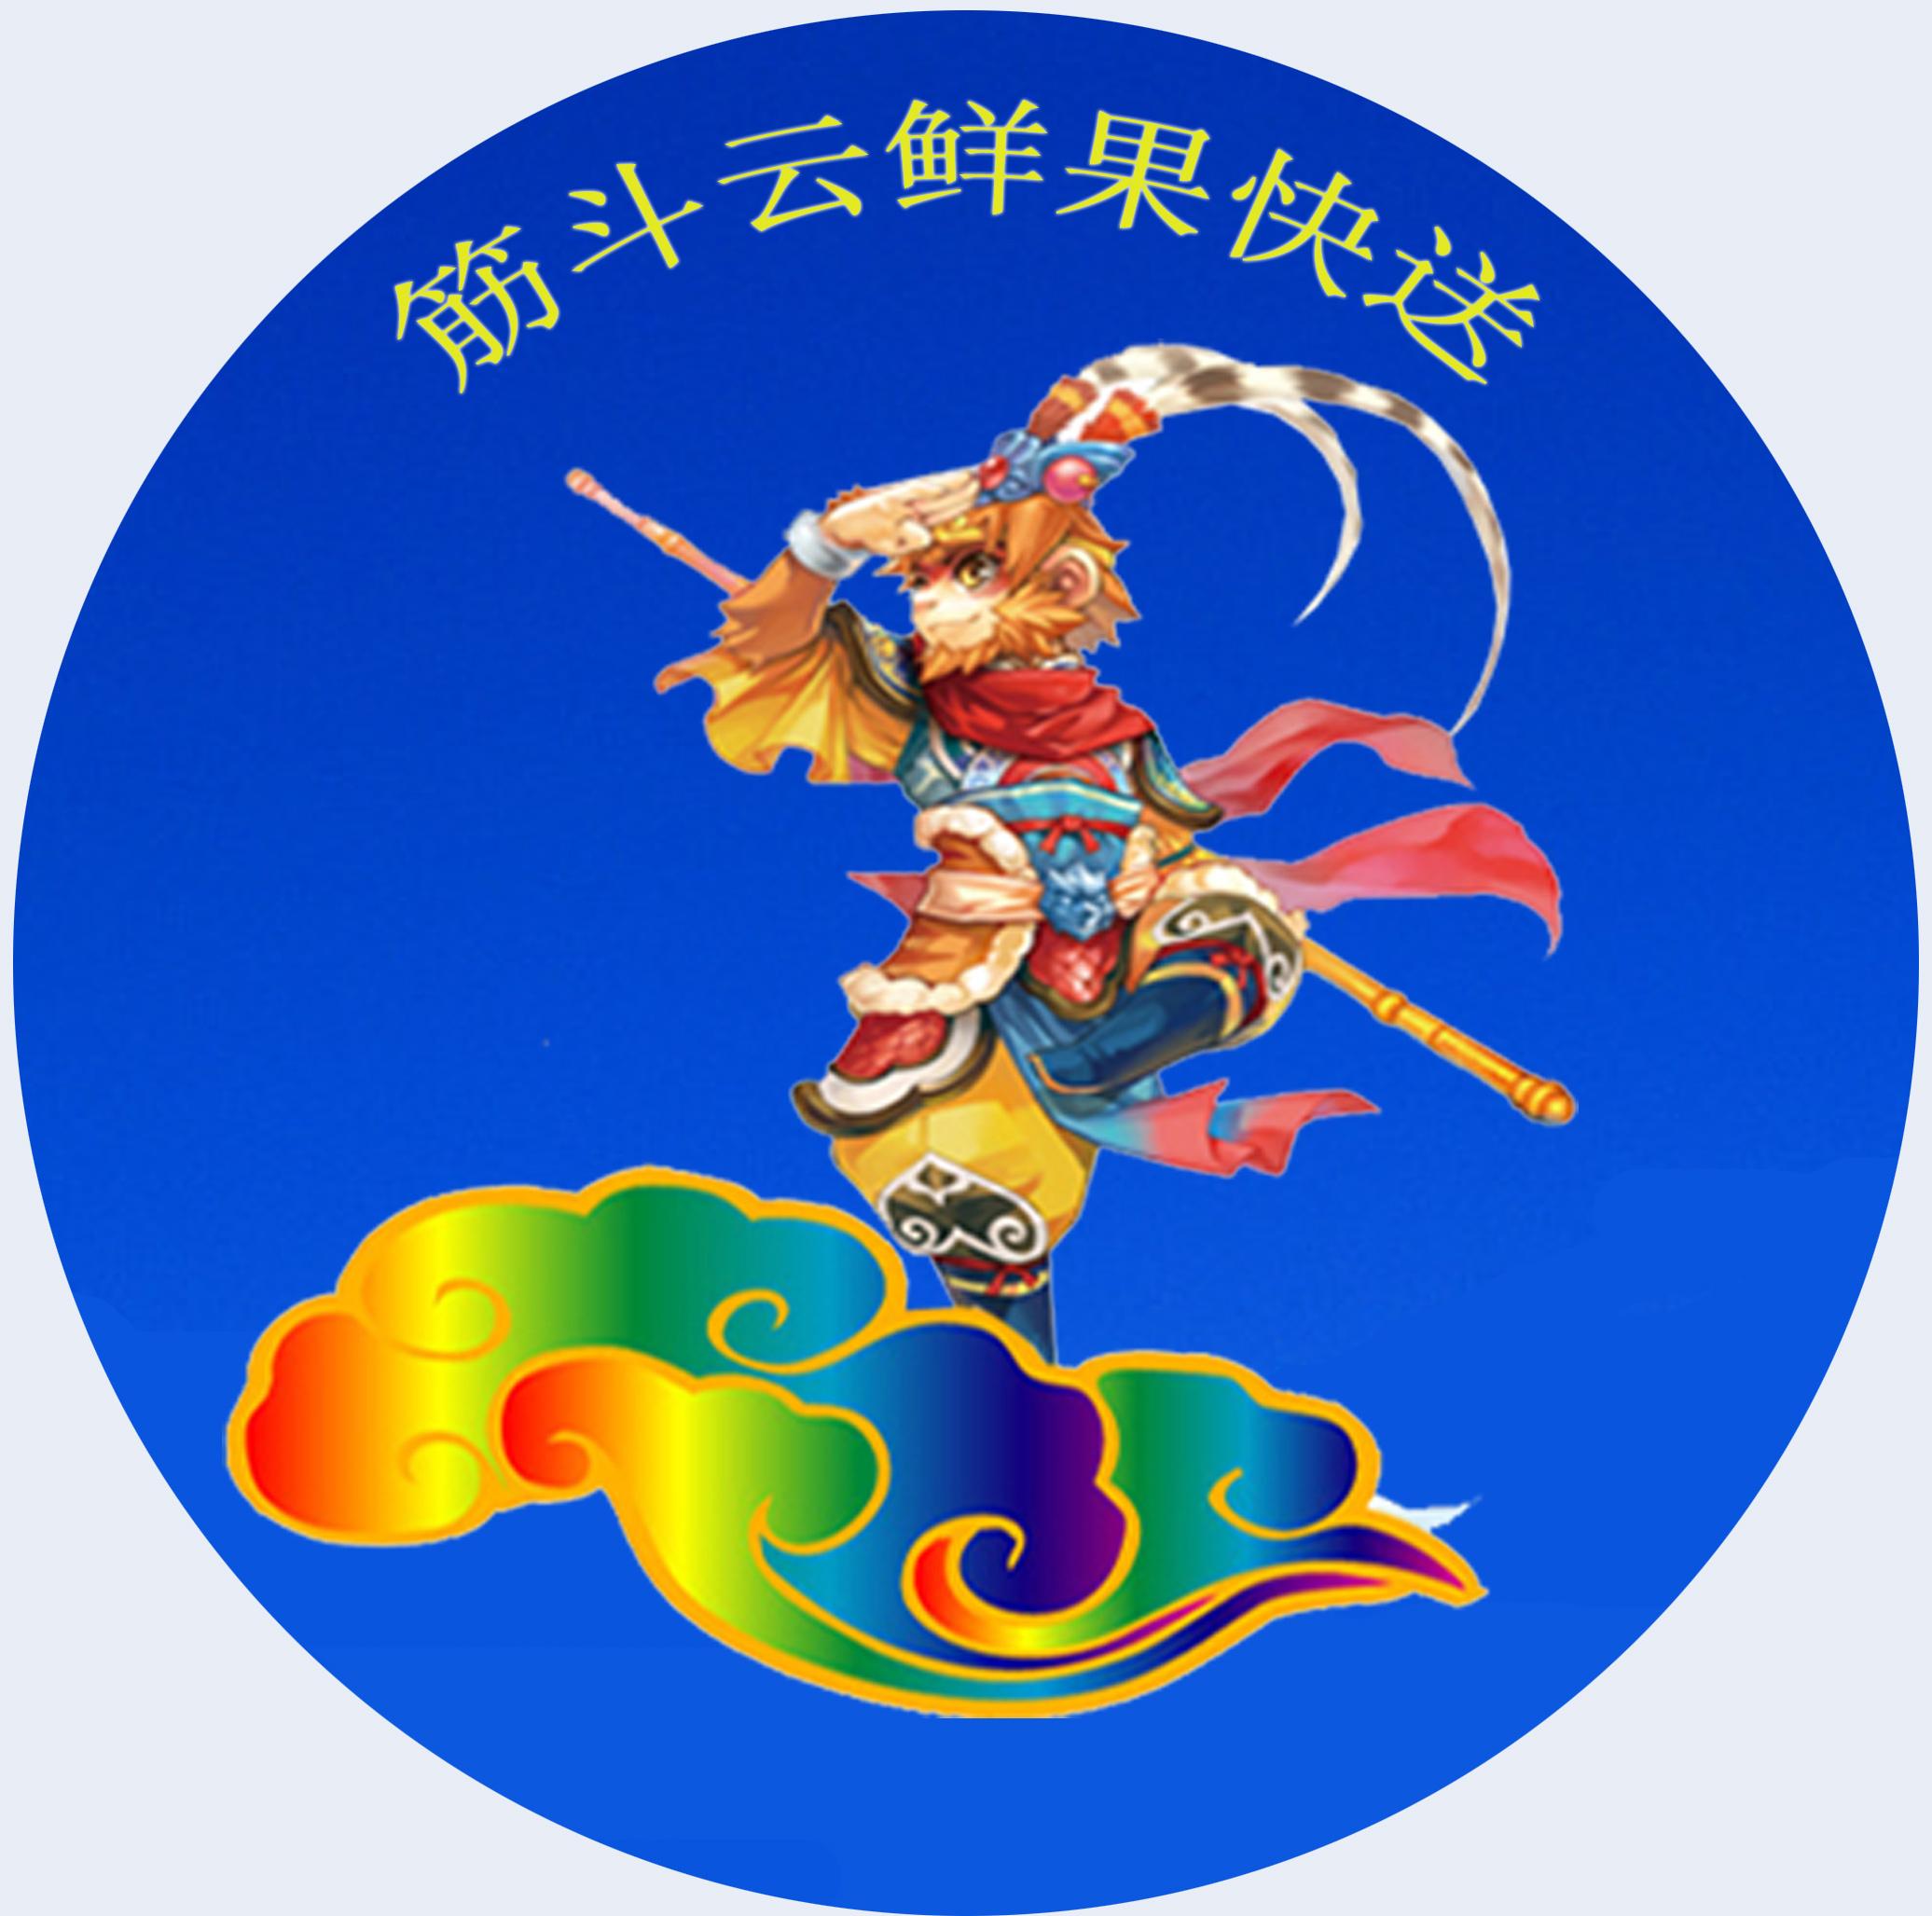 筋斗云logo创意设计